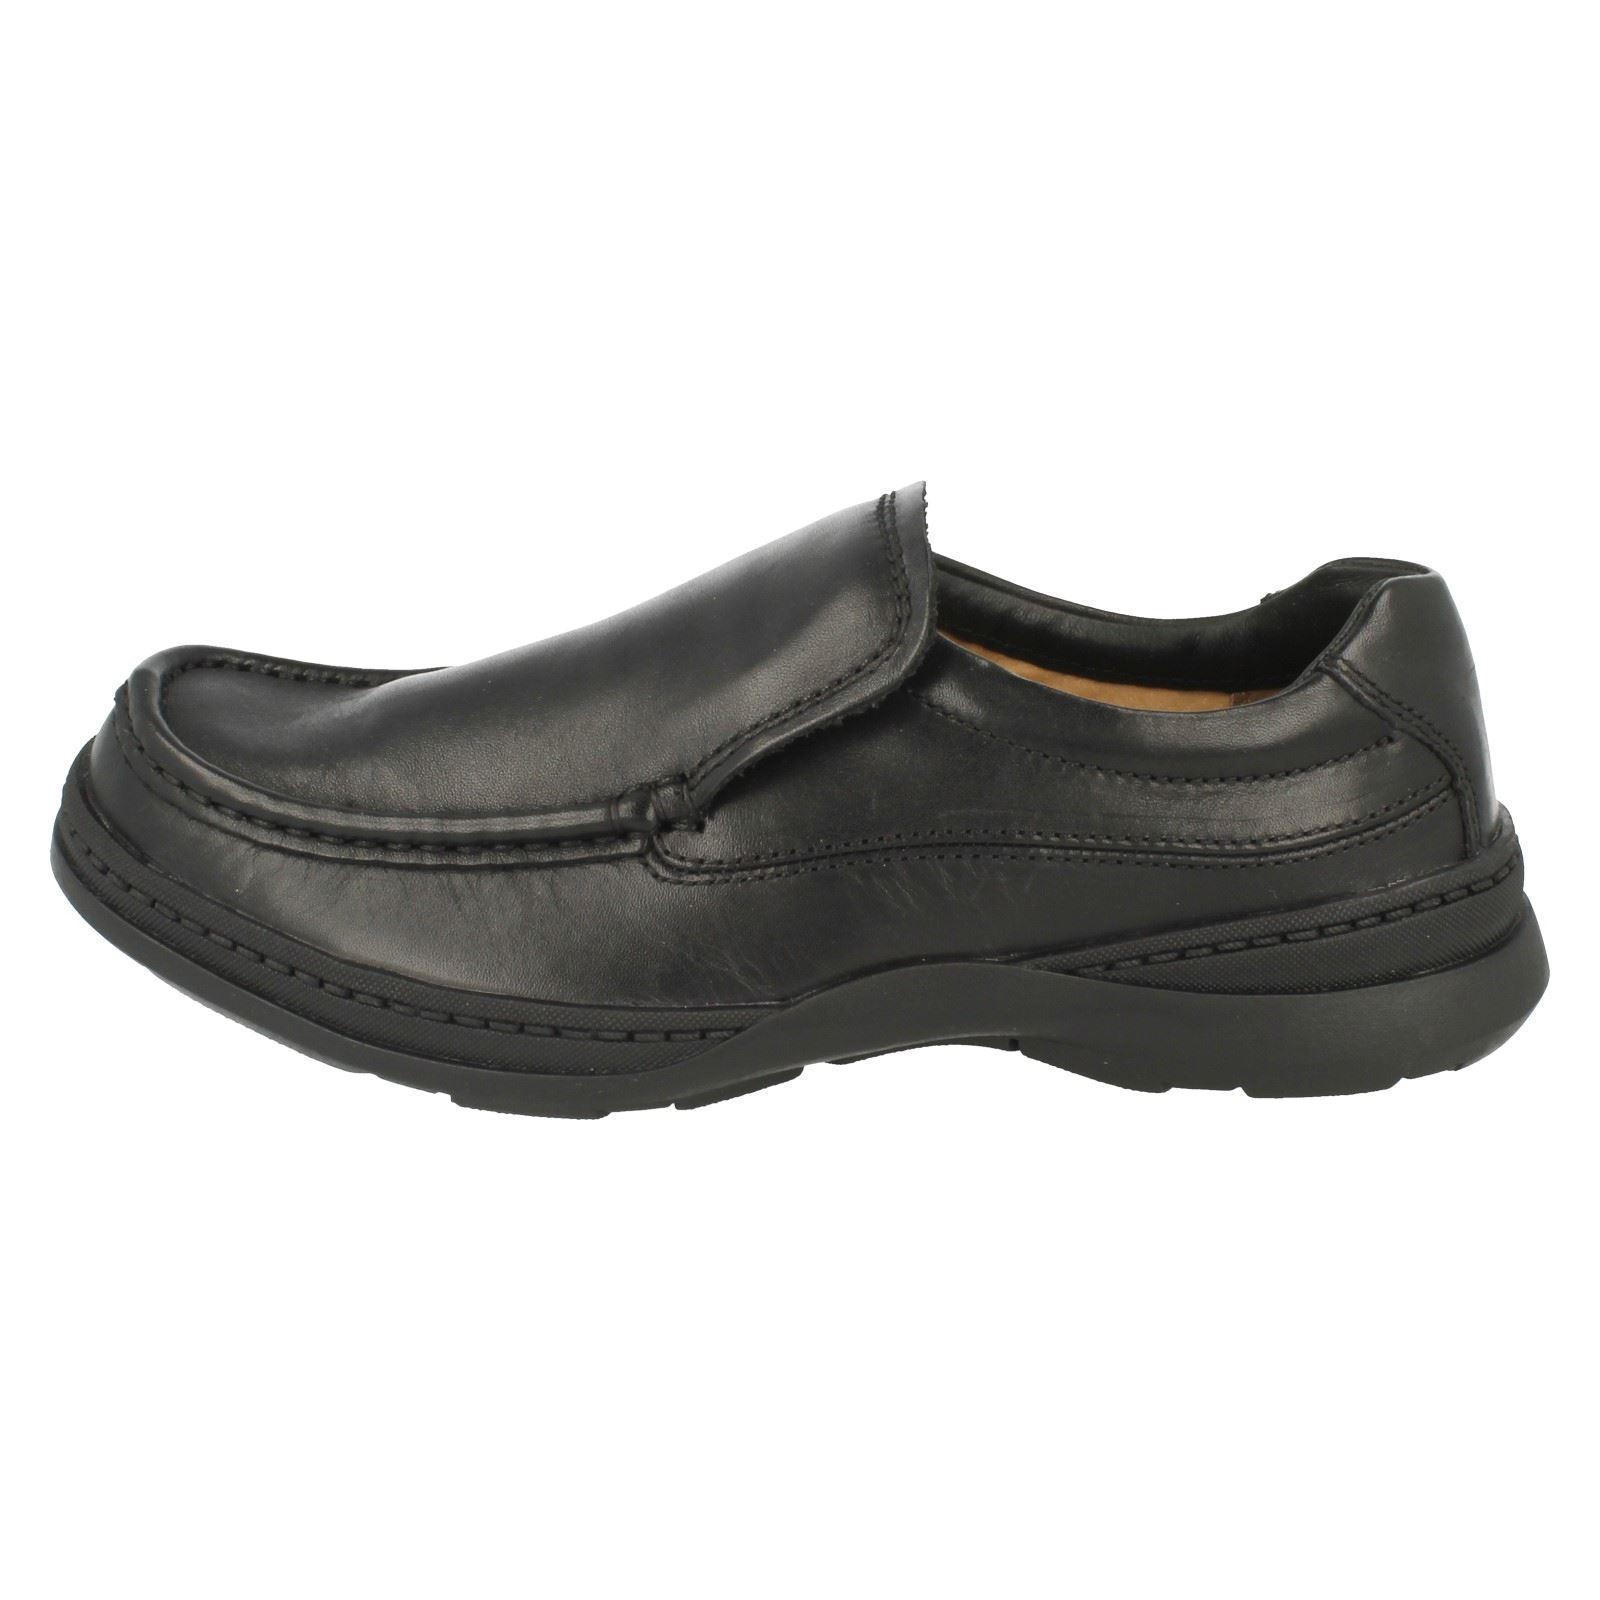 Para Hombre Clarks Zapatos Casuales Sin en la línea estilo del estilo línea libre 3cf16d